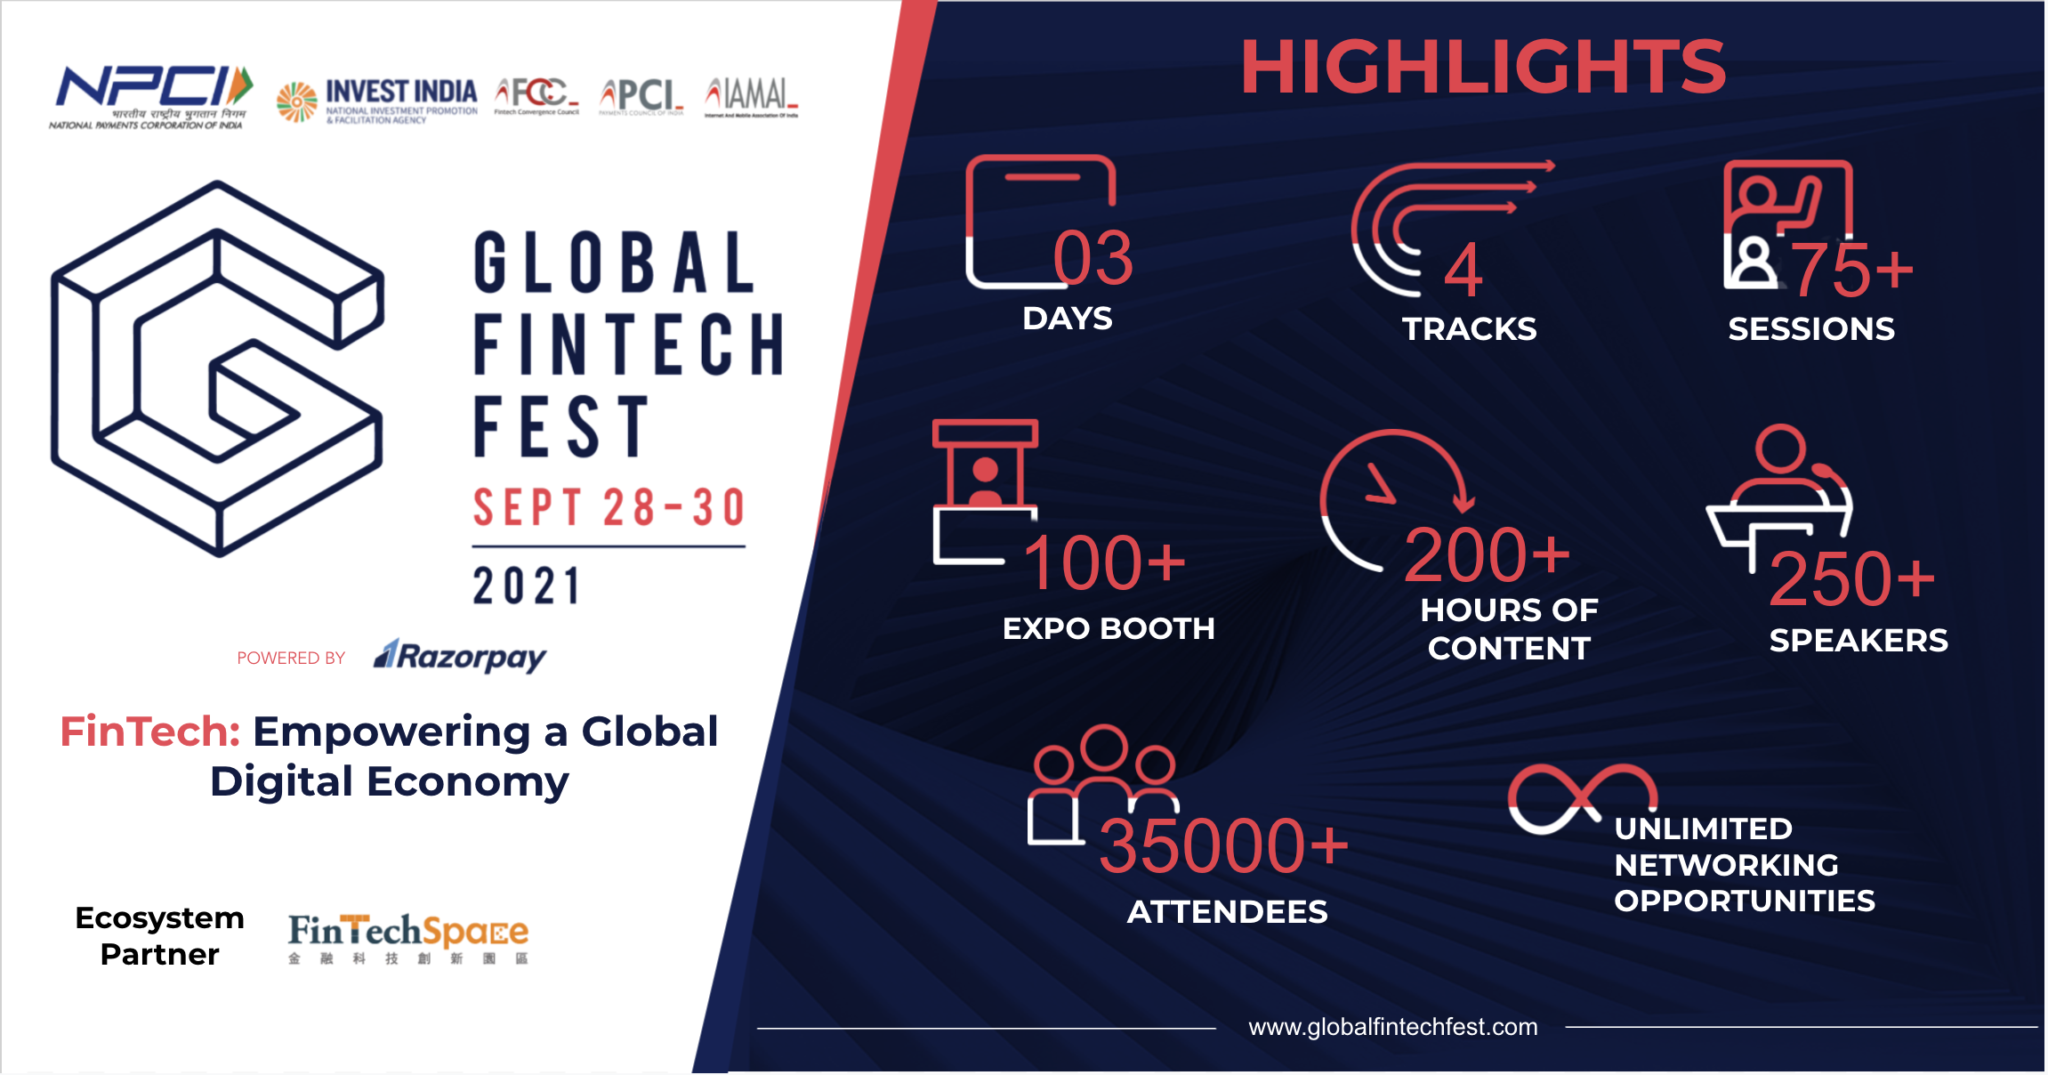 免費線上參與印度全球金融科技節(Gloabl Fintech Fest)! – 金融科技創新園區| FinTechSpace